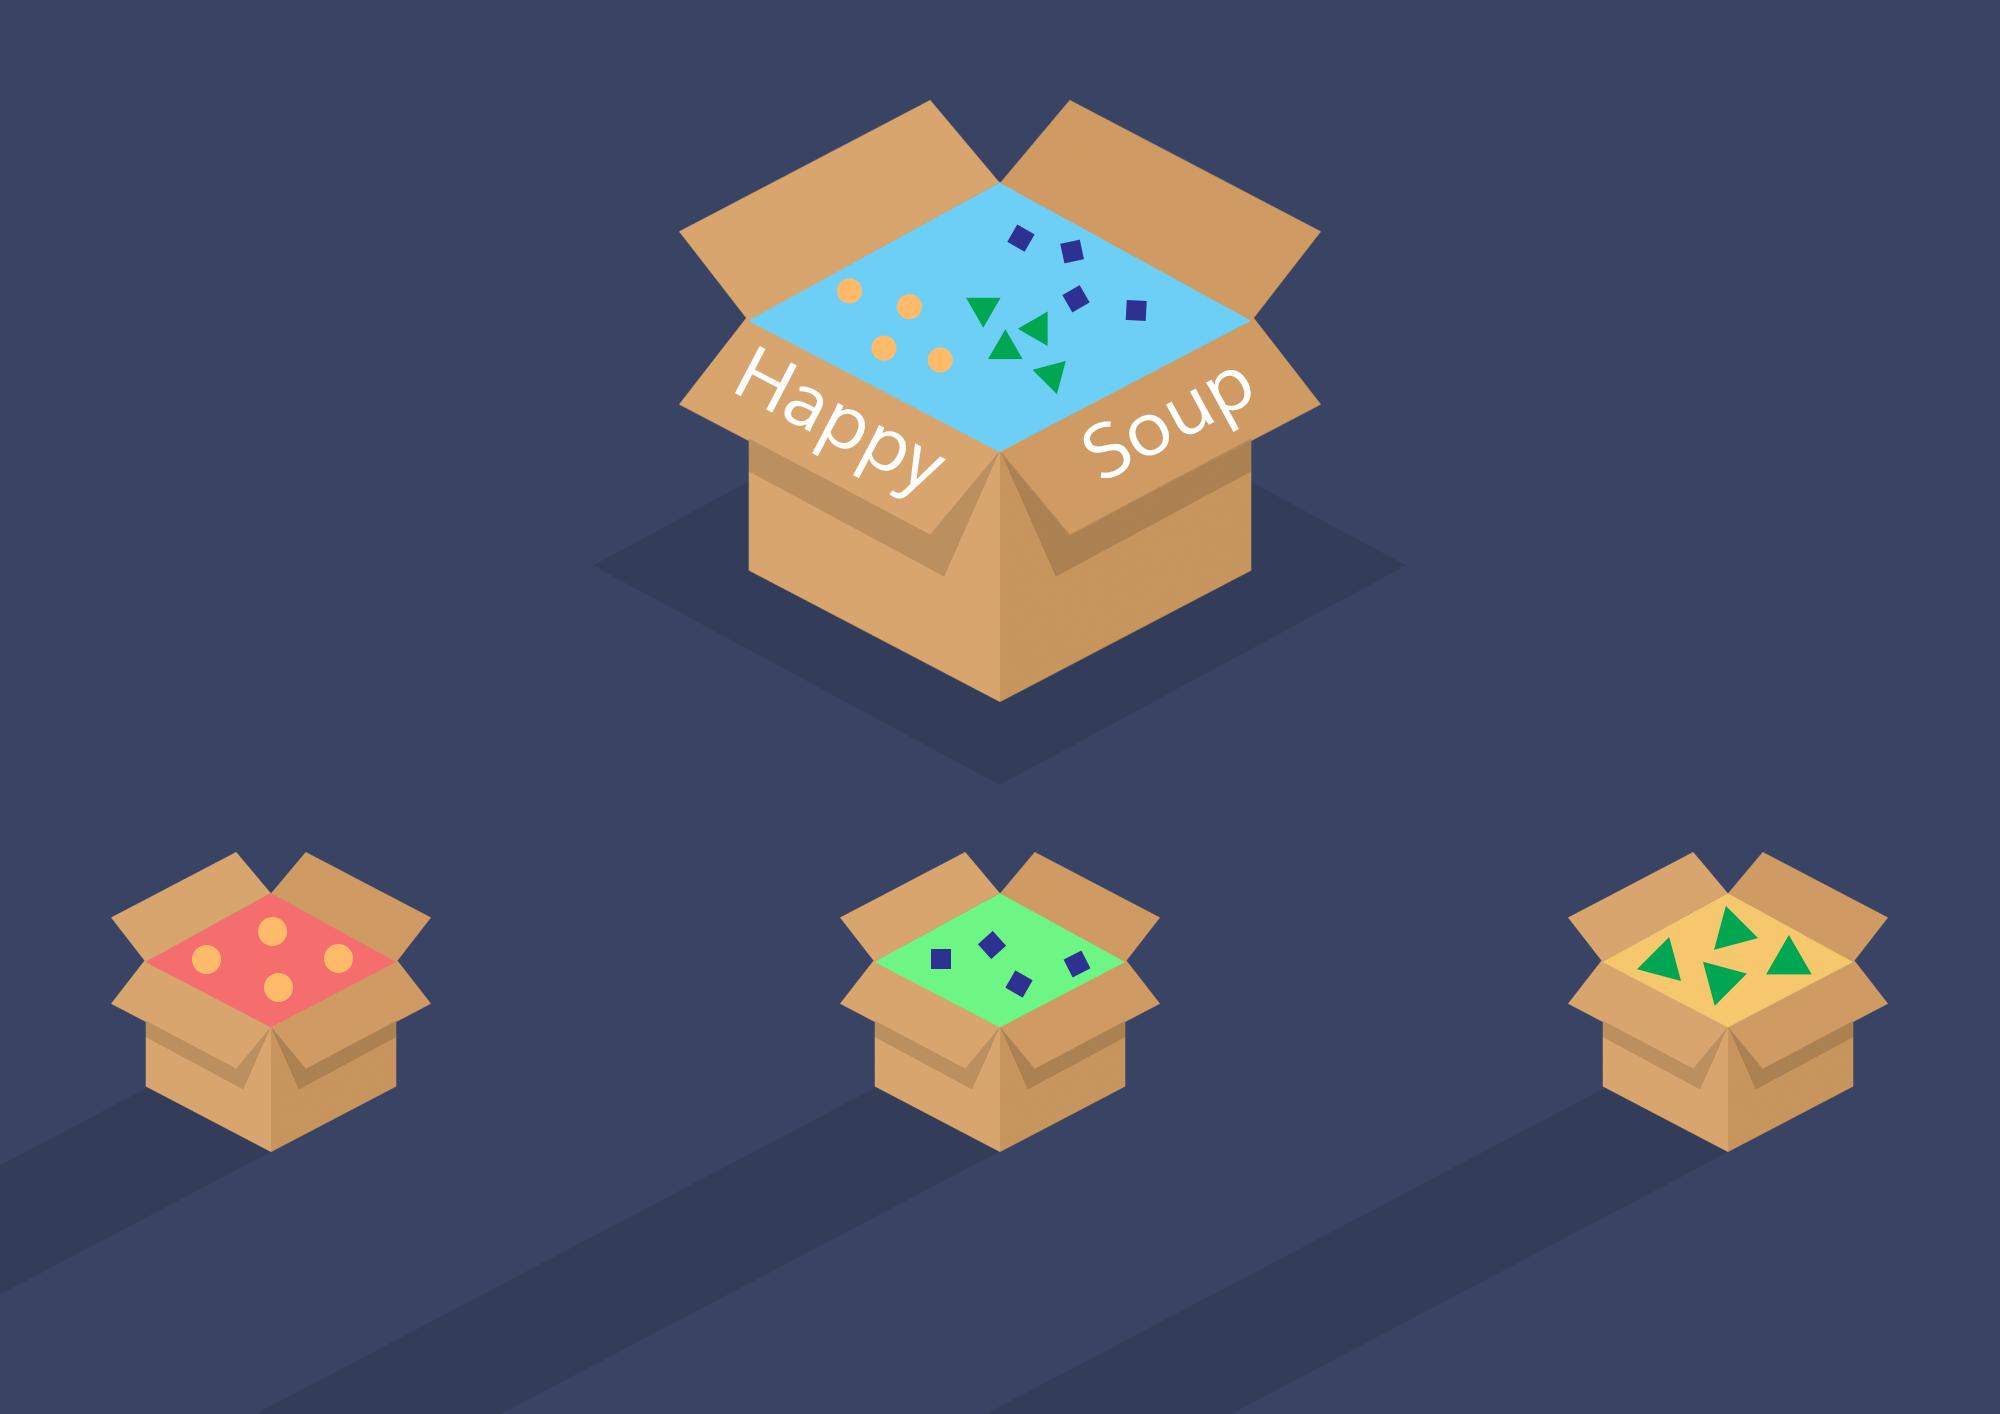 Une boîte est remplie de soupe heureuse avec différentes formes représentant différentes métadonnées connexes. En dessous de la soupe heureuse, il y a 3 boîtes, chacune avec une forme spécifique, ce qui vous permettra d'organiser vos métadonnées en packages.